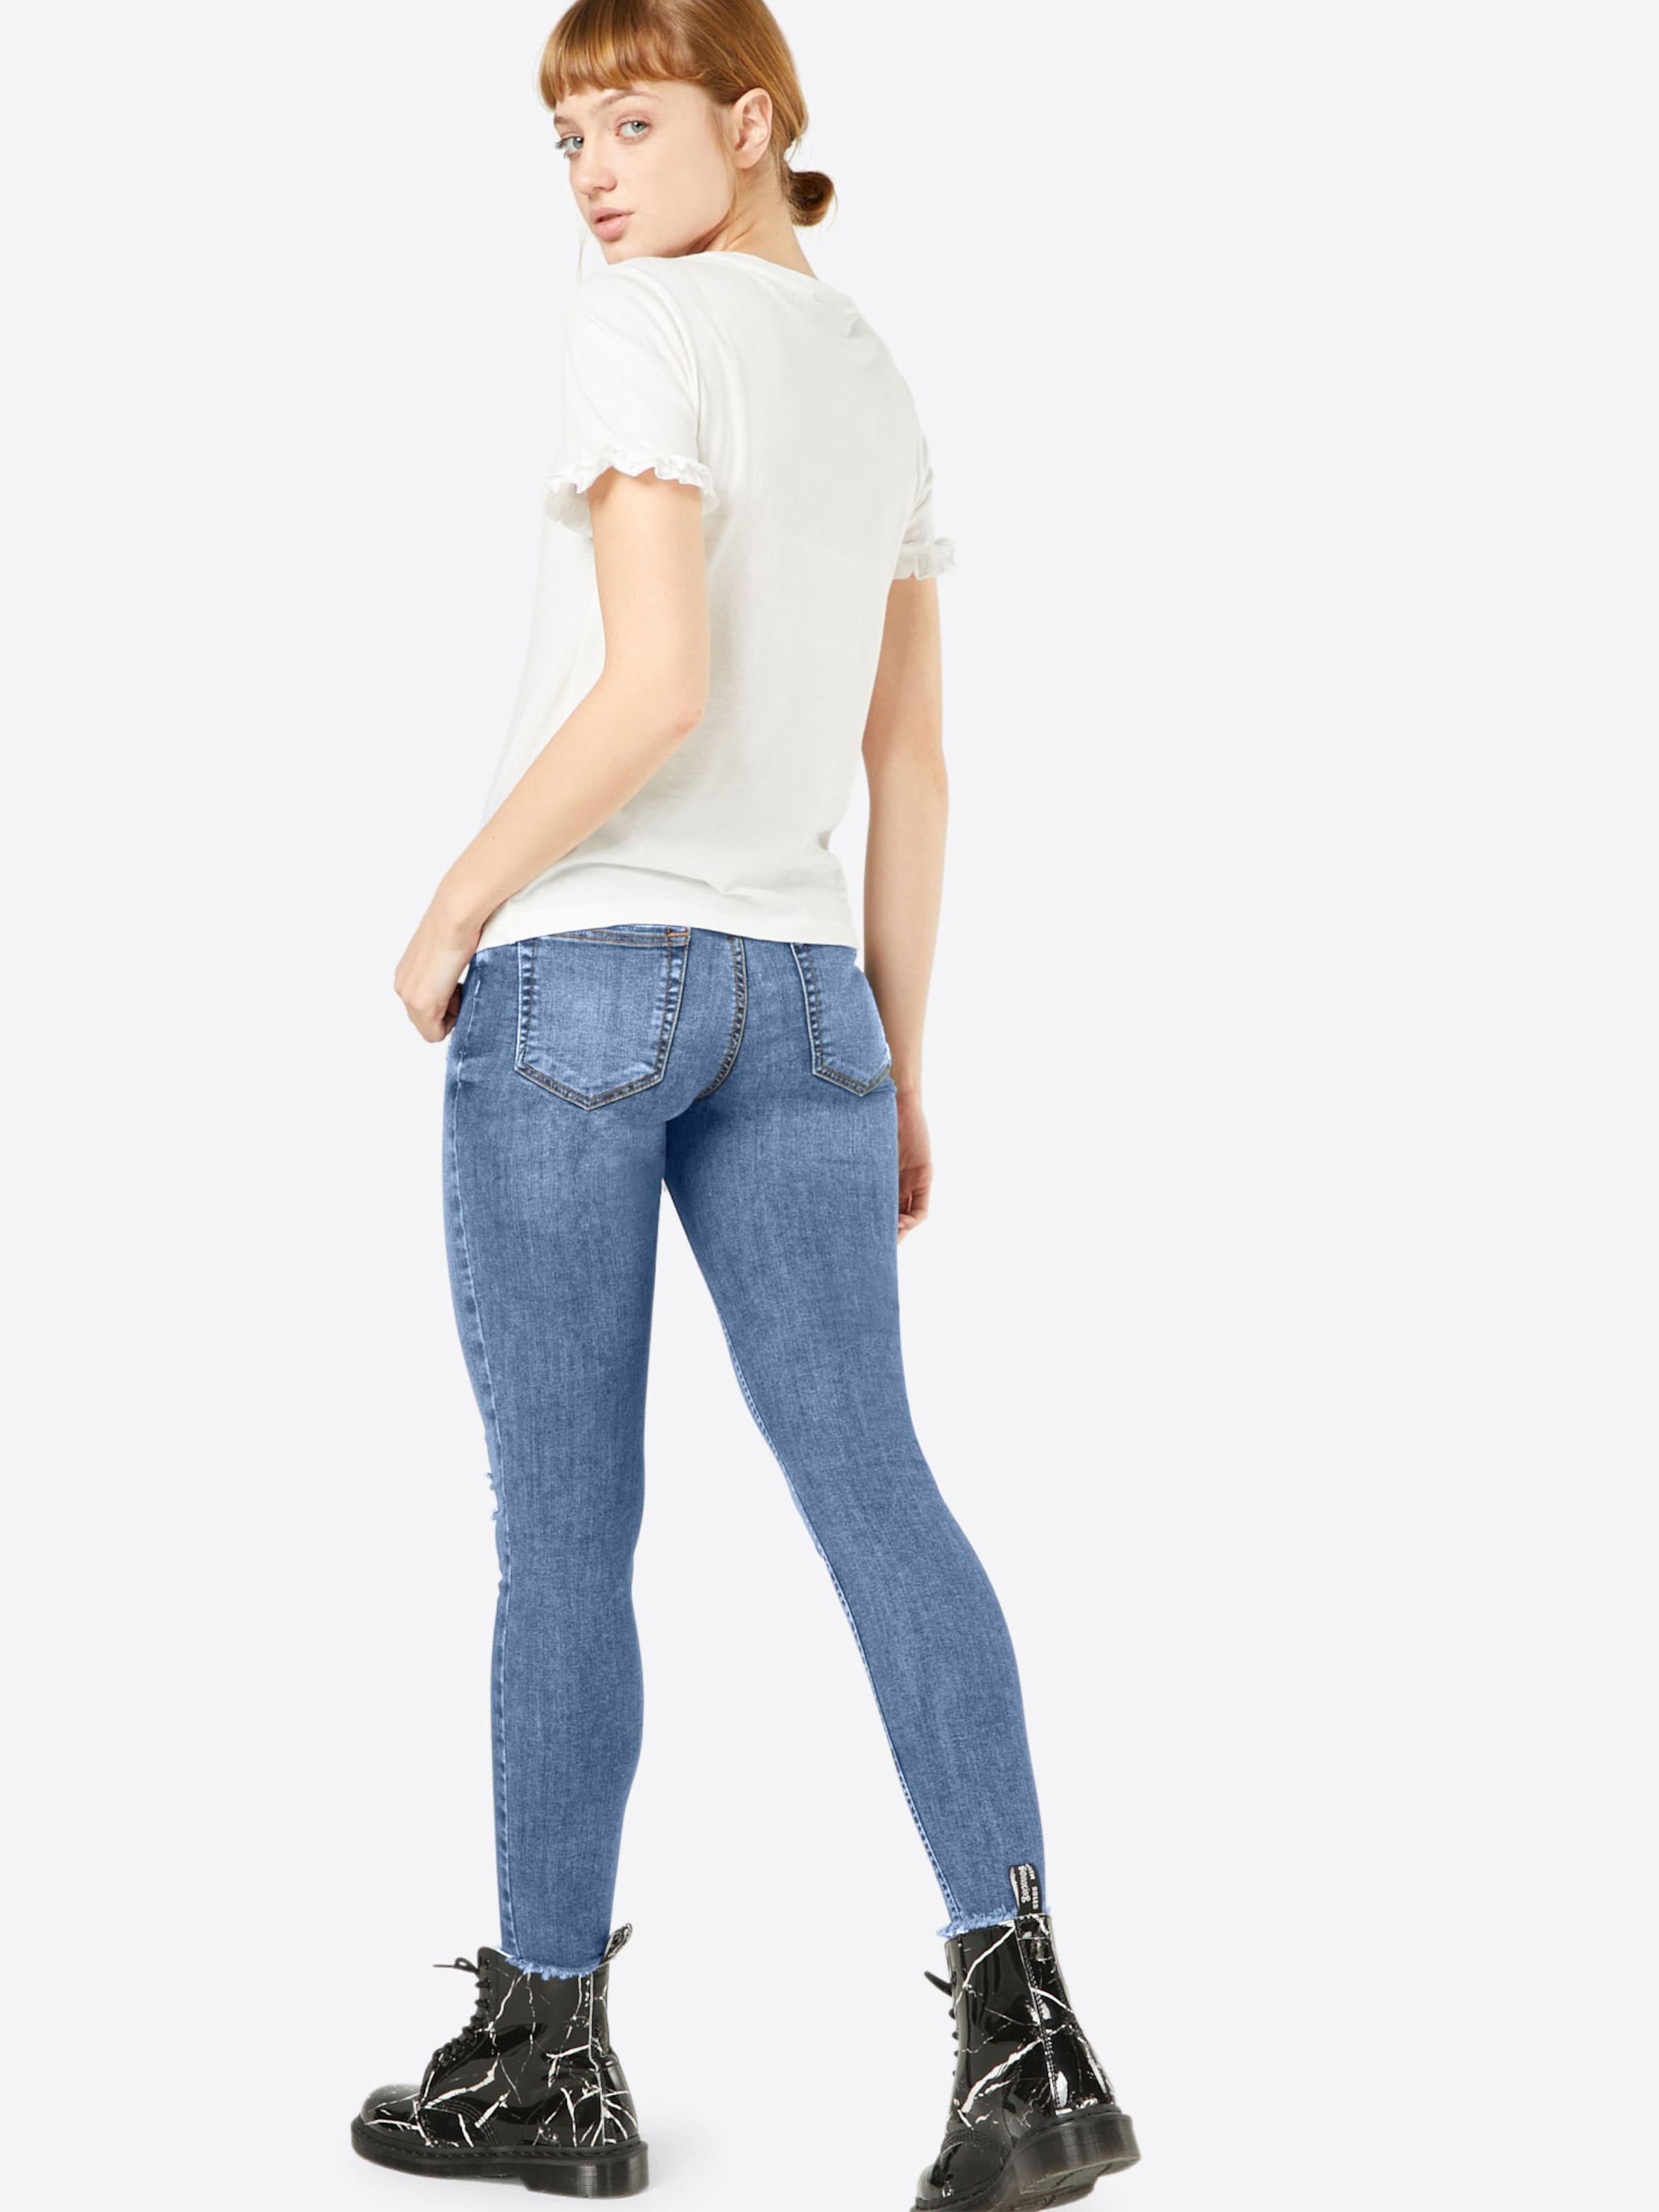 Spielraum Beste Preise PIECES Regular-Waist-Jeans Gut Verkaufen Verkauf Online ADsk7TF